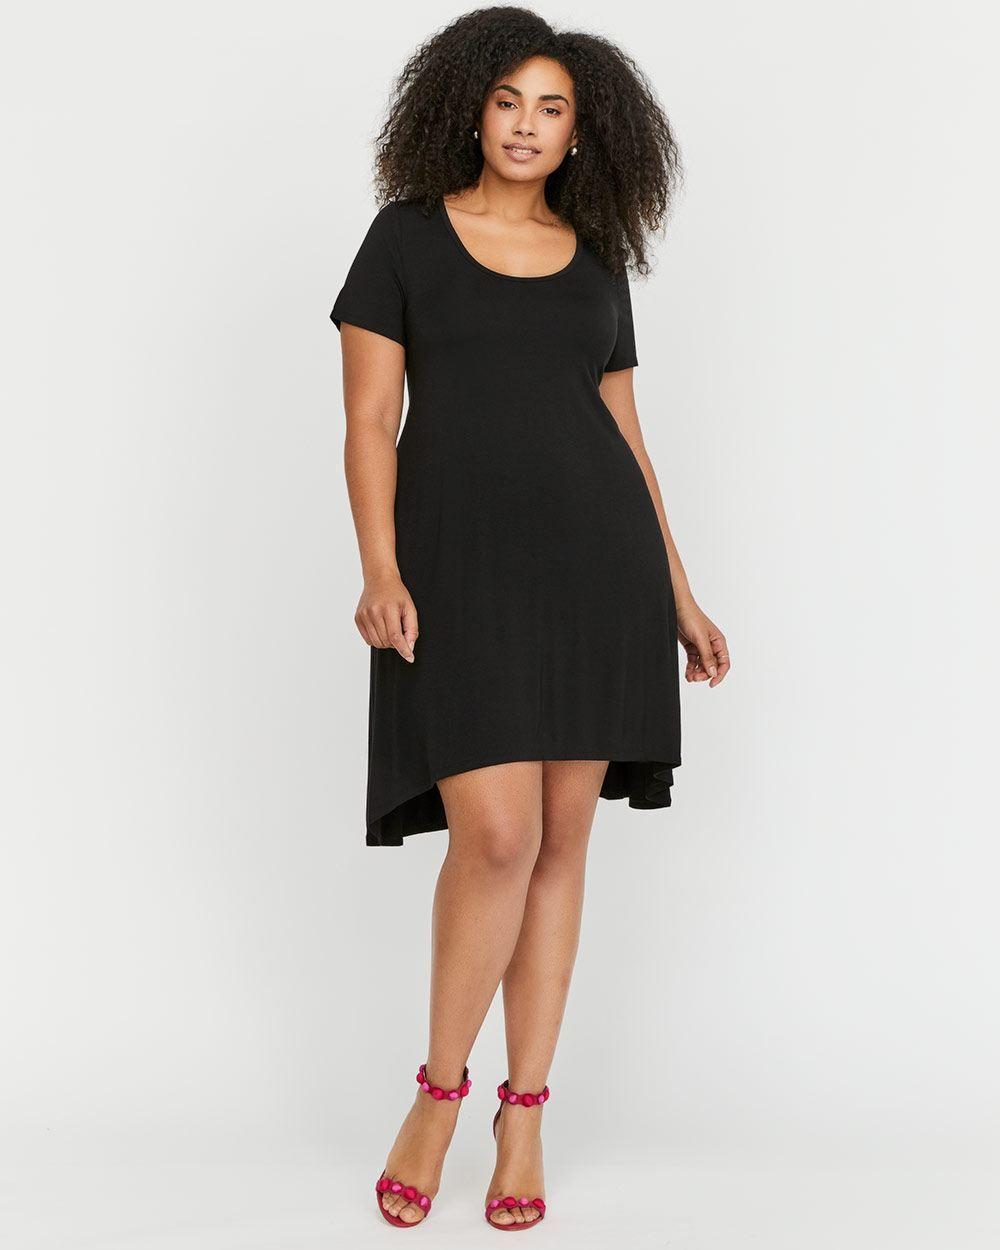 Shop online for lul highlow short tshirt dress find little black